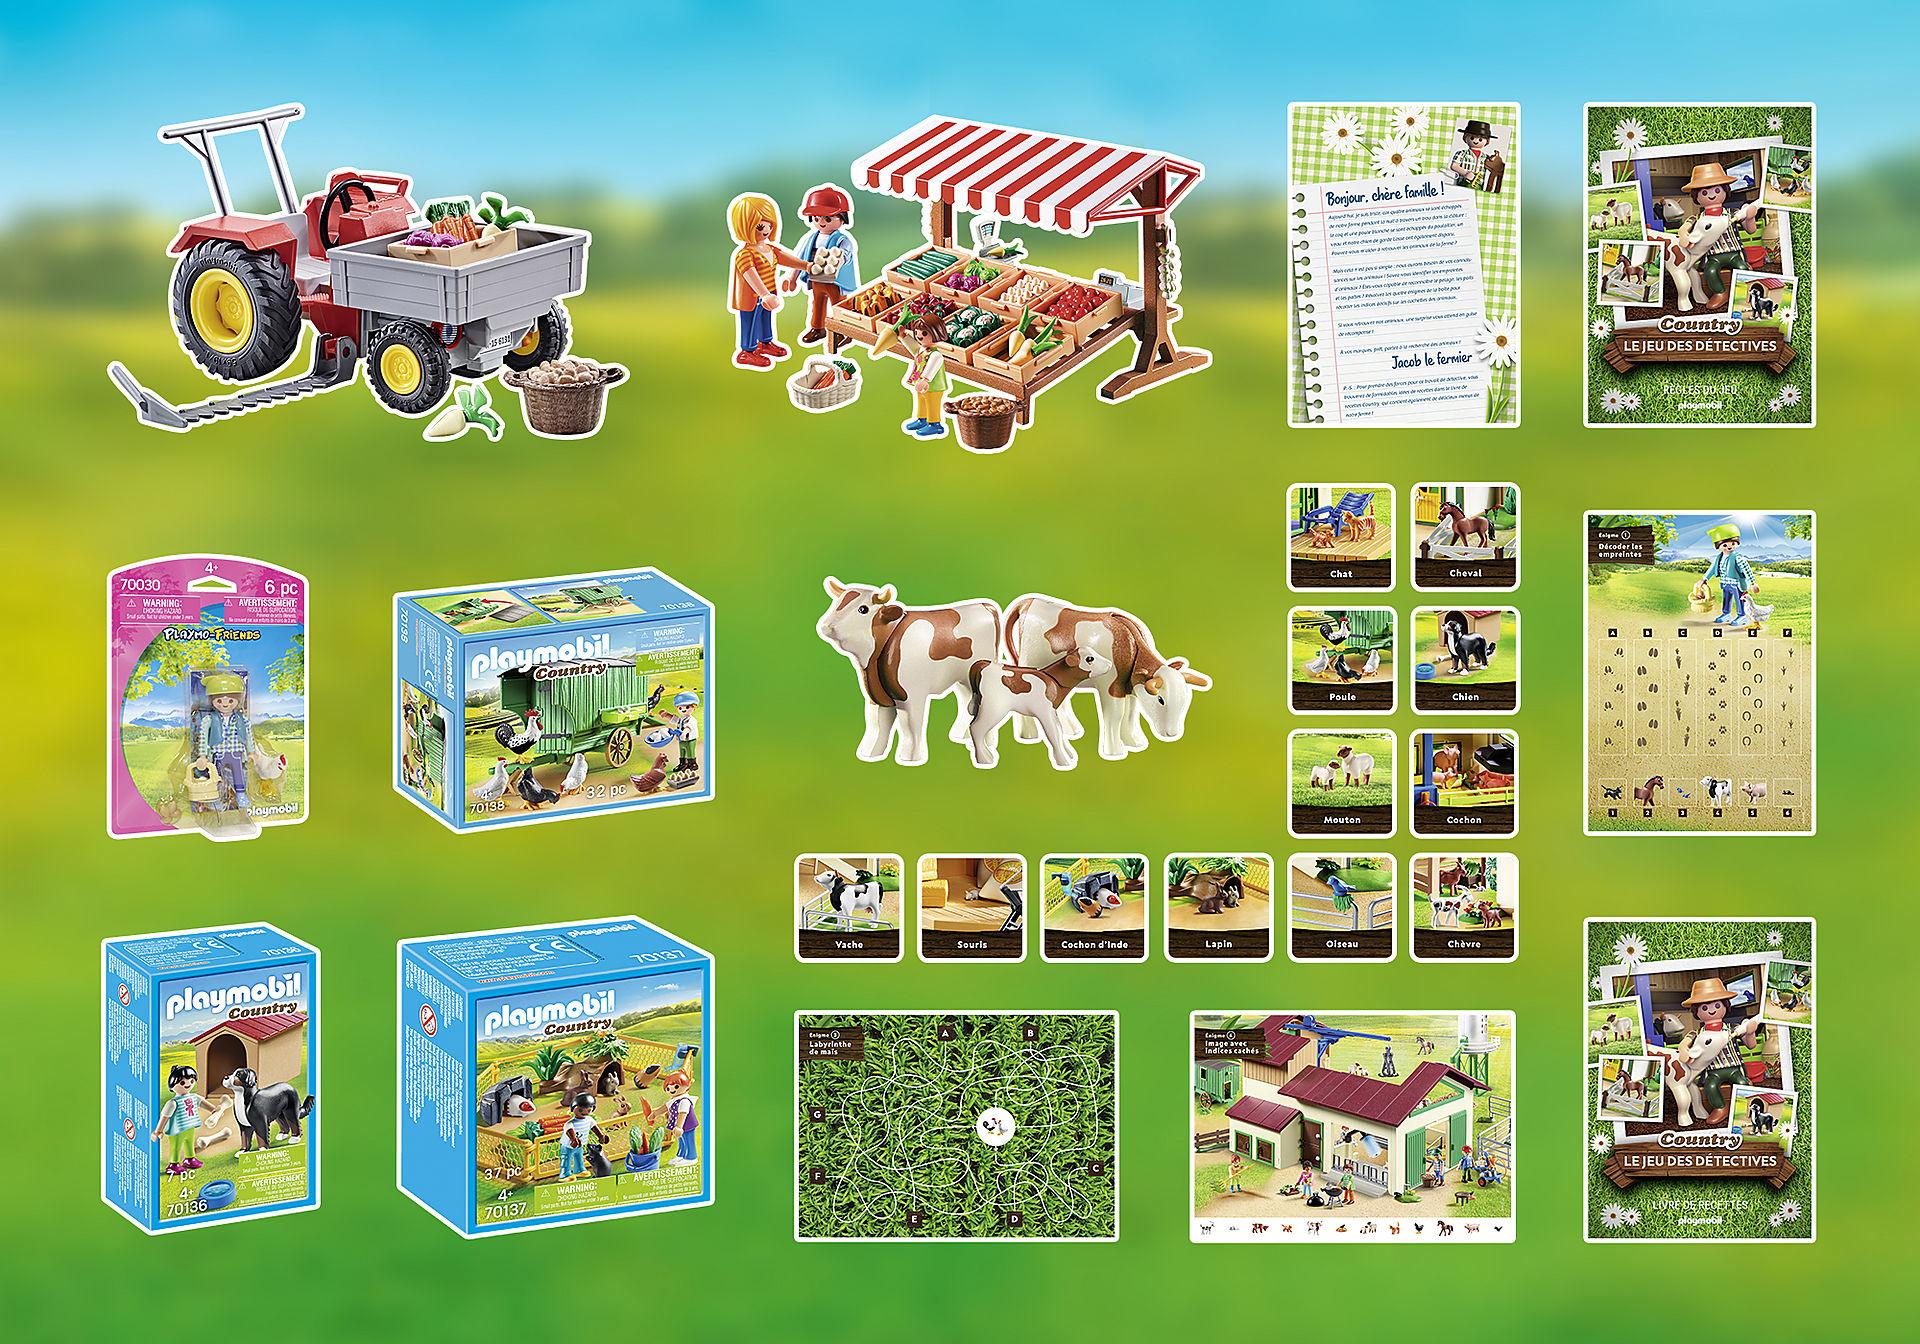 70852 Box PLAYMOBIL®: Le jeu de détective COUNTRY zoom image3